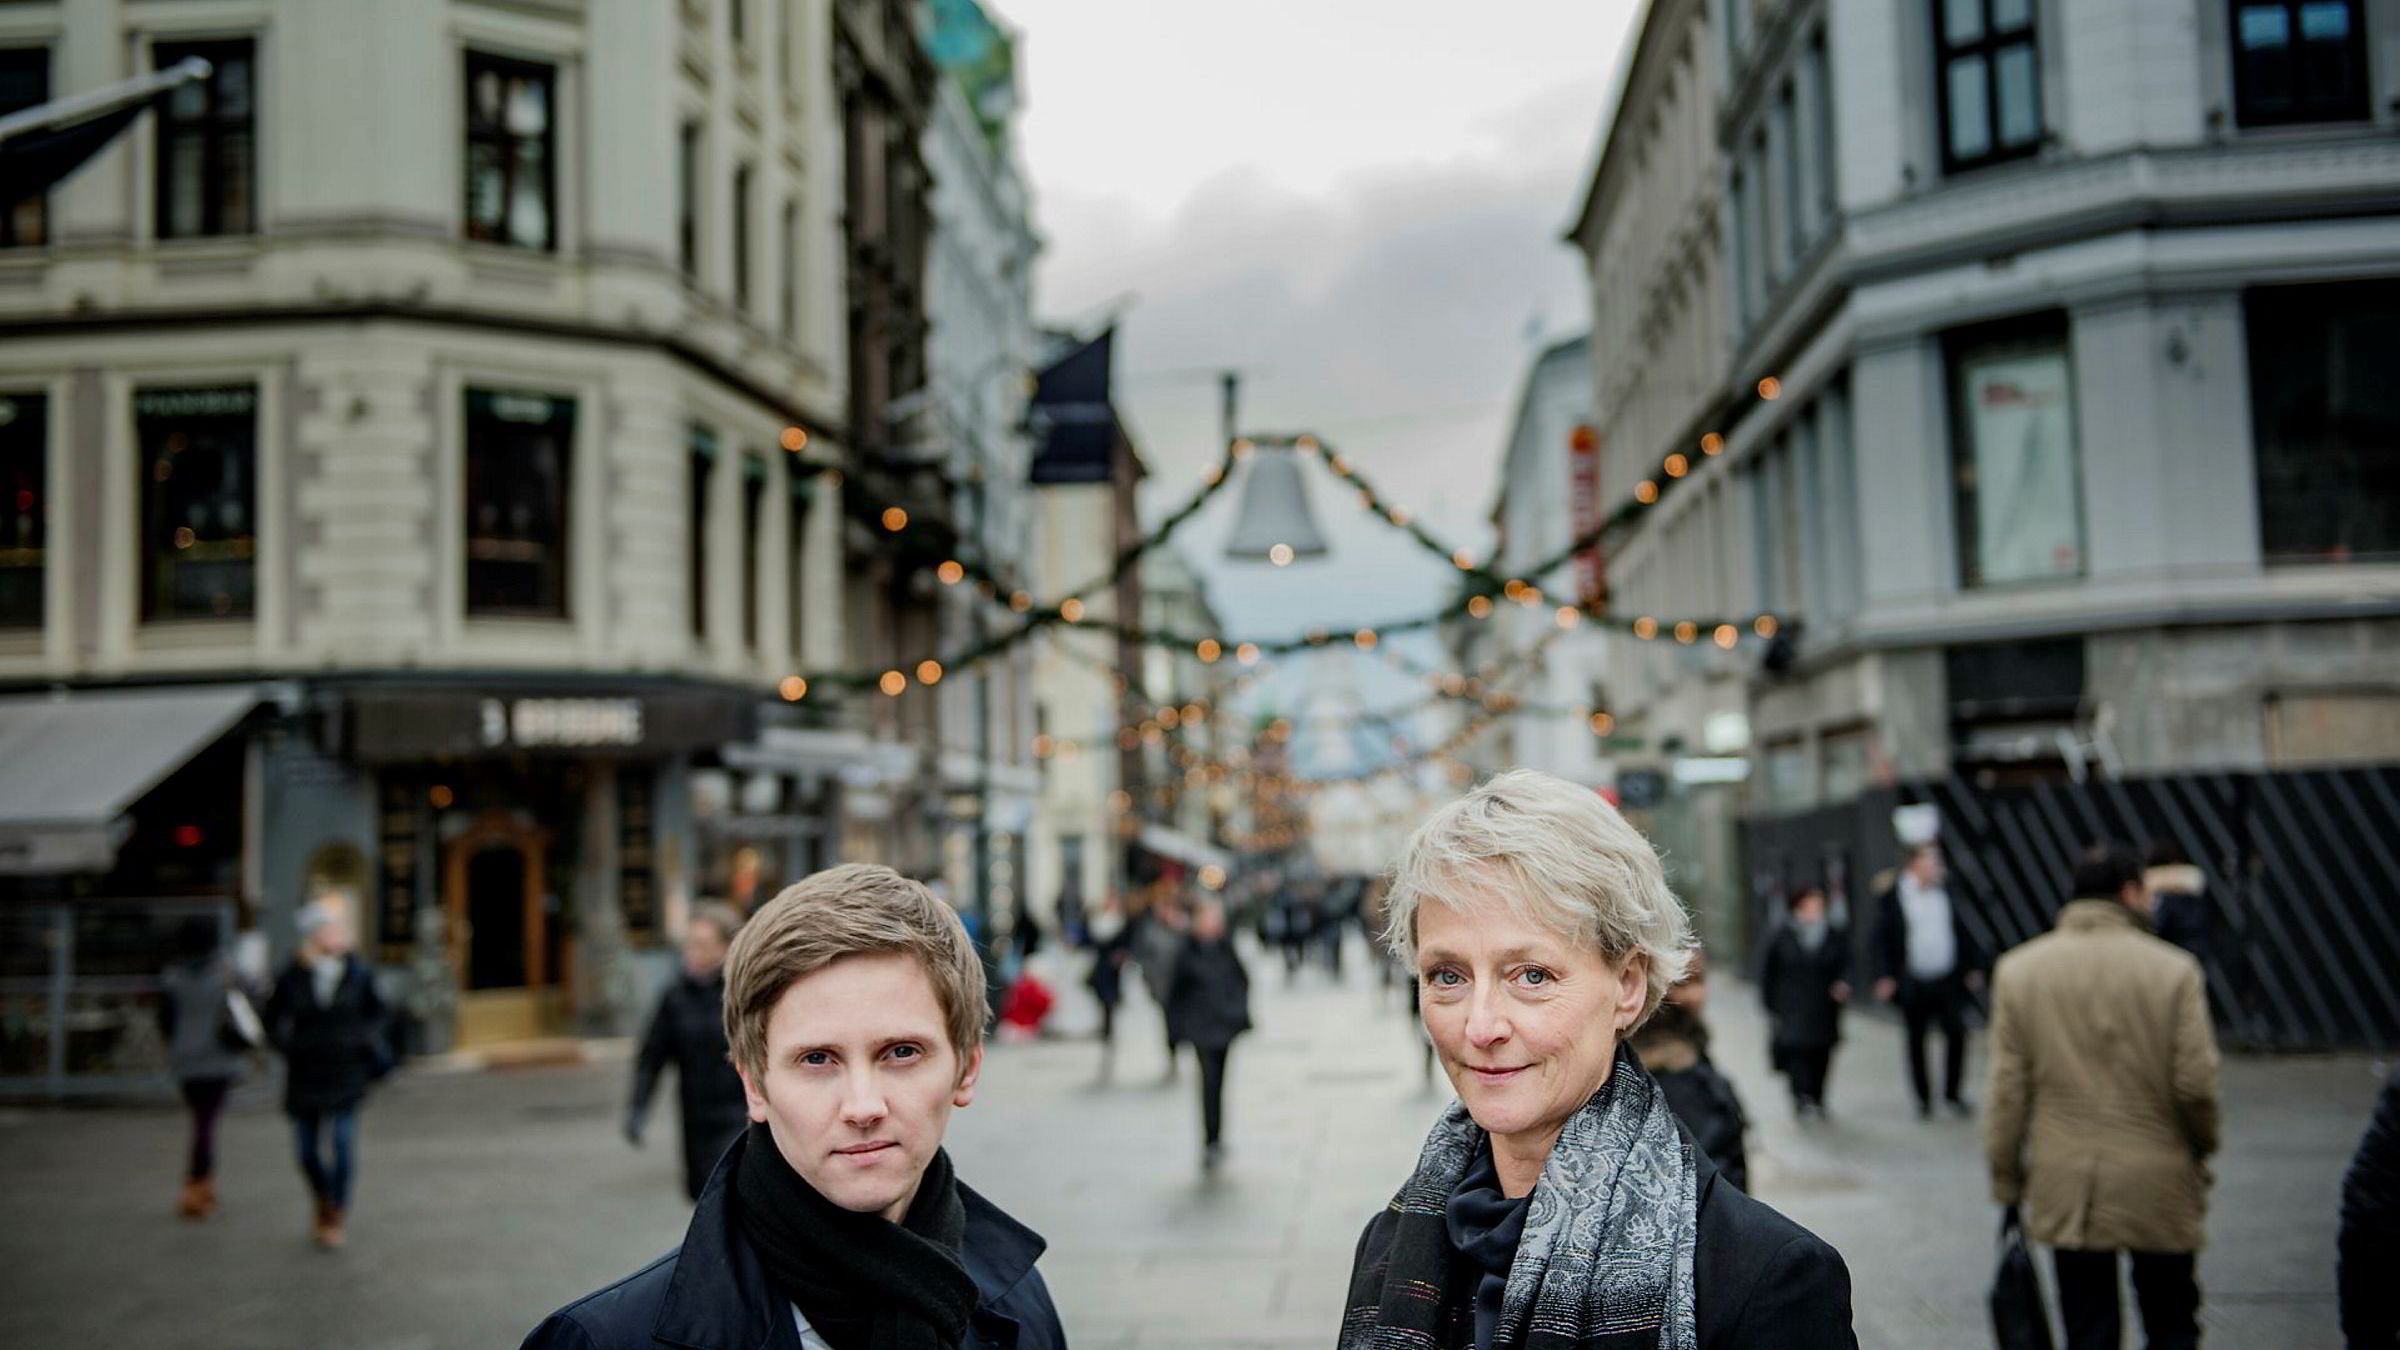 Satssekretær Reynir Johannesson og forbrukerombud Elisabeth Lier Haugseth danner felles front mot kapring av mobilkunder som er på vei til en konkurrent.